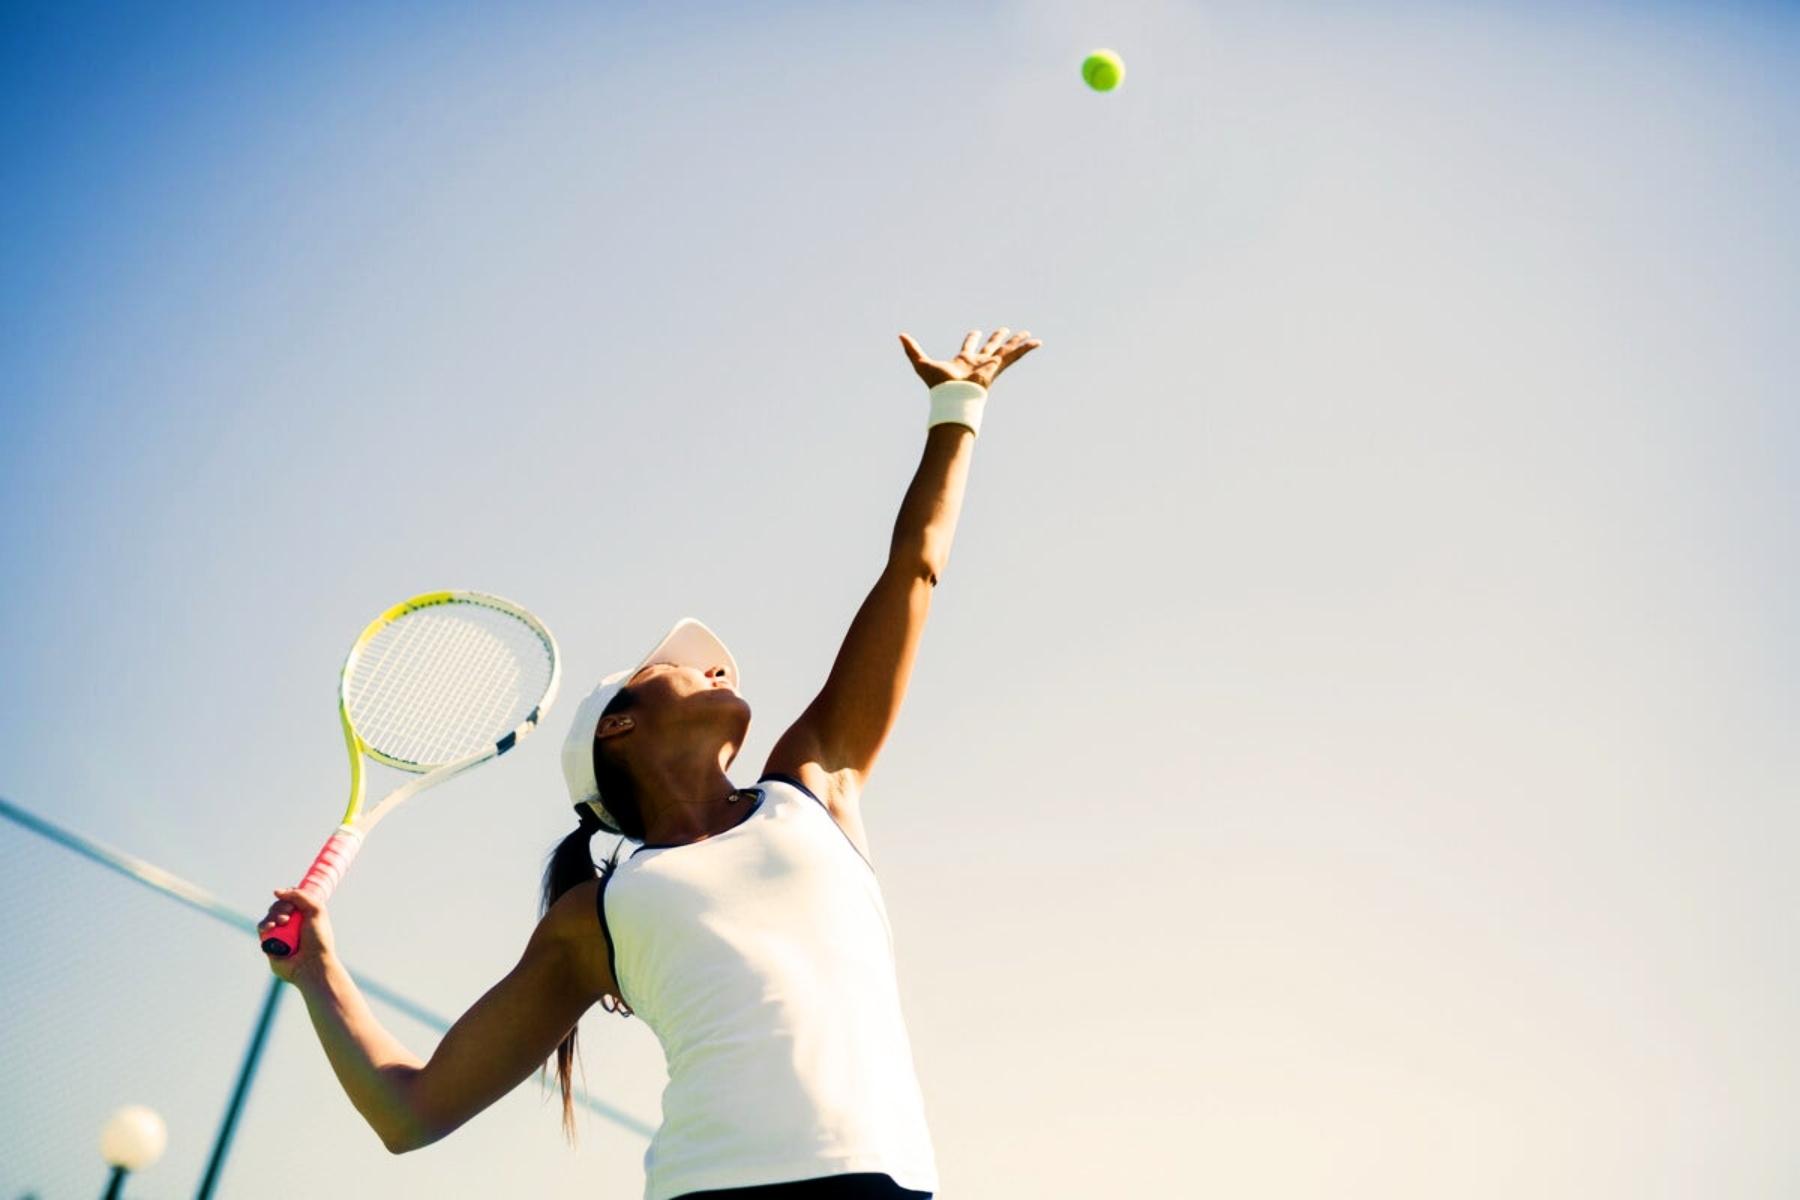 'Αθλητισμός Τένις: Ψυχολογικές δεξιότητες